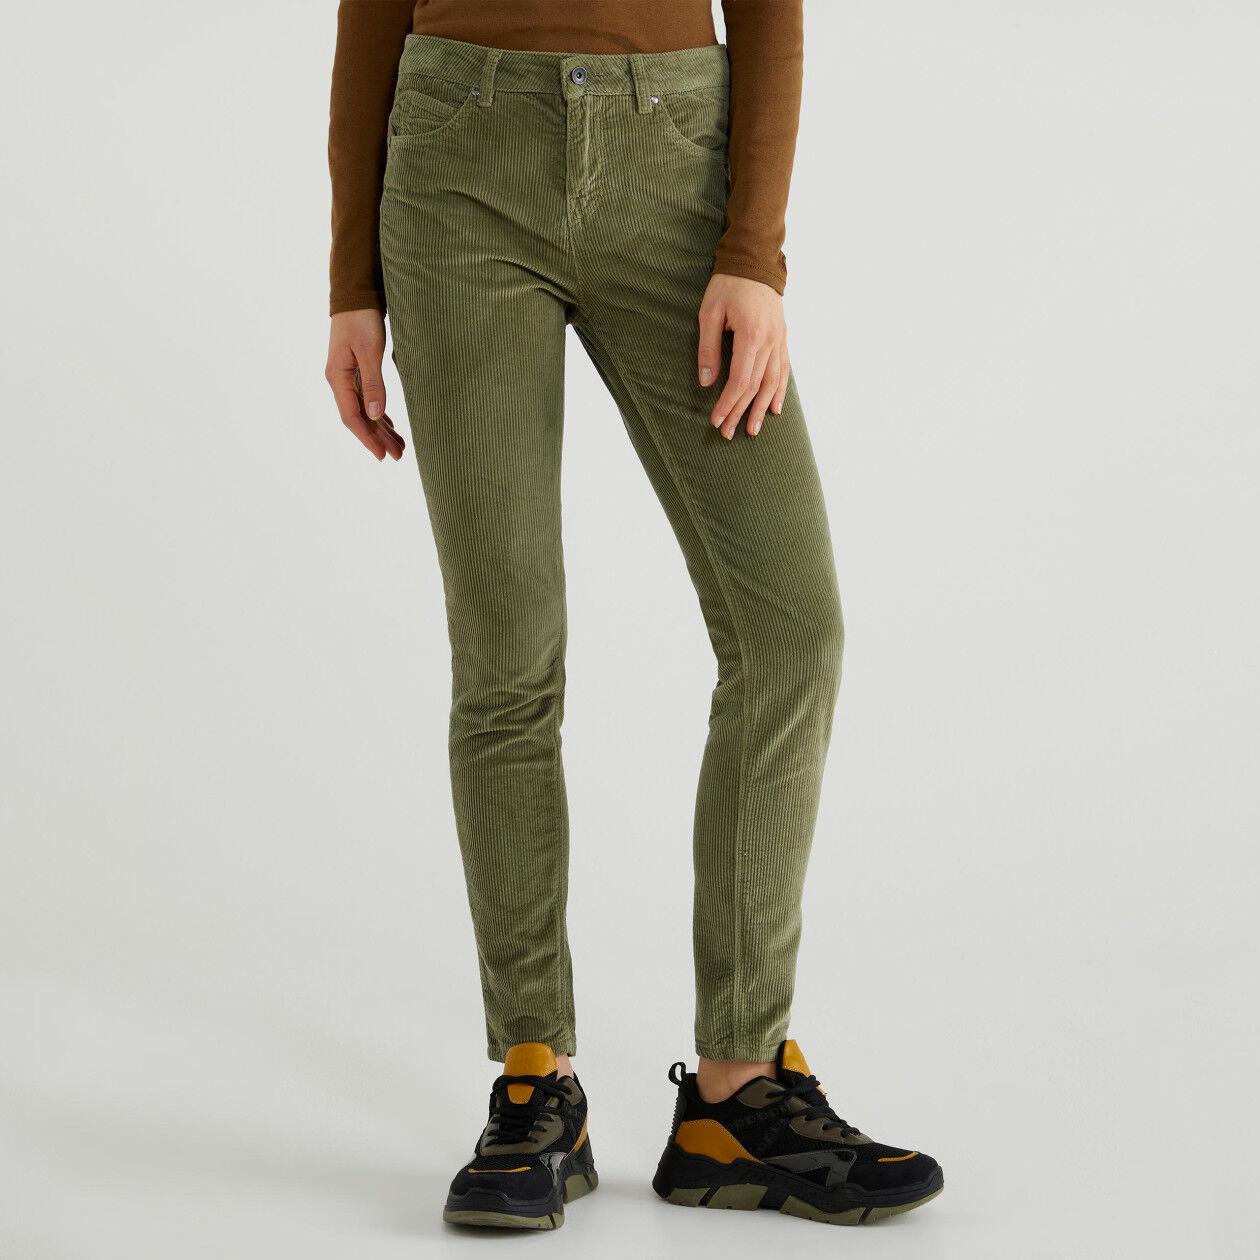 Παντελόνι skinny από βελούδο